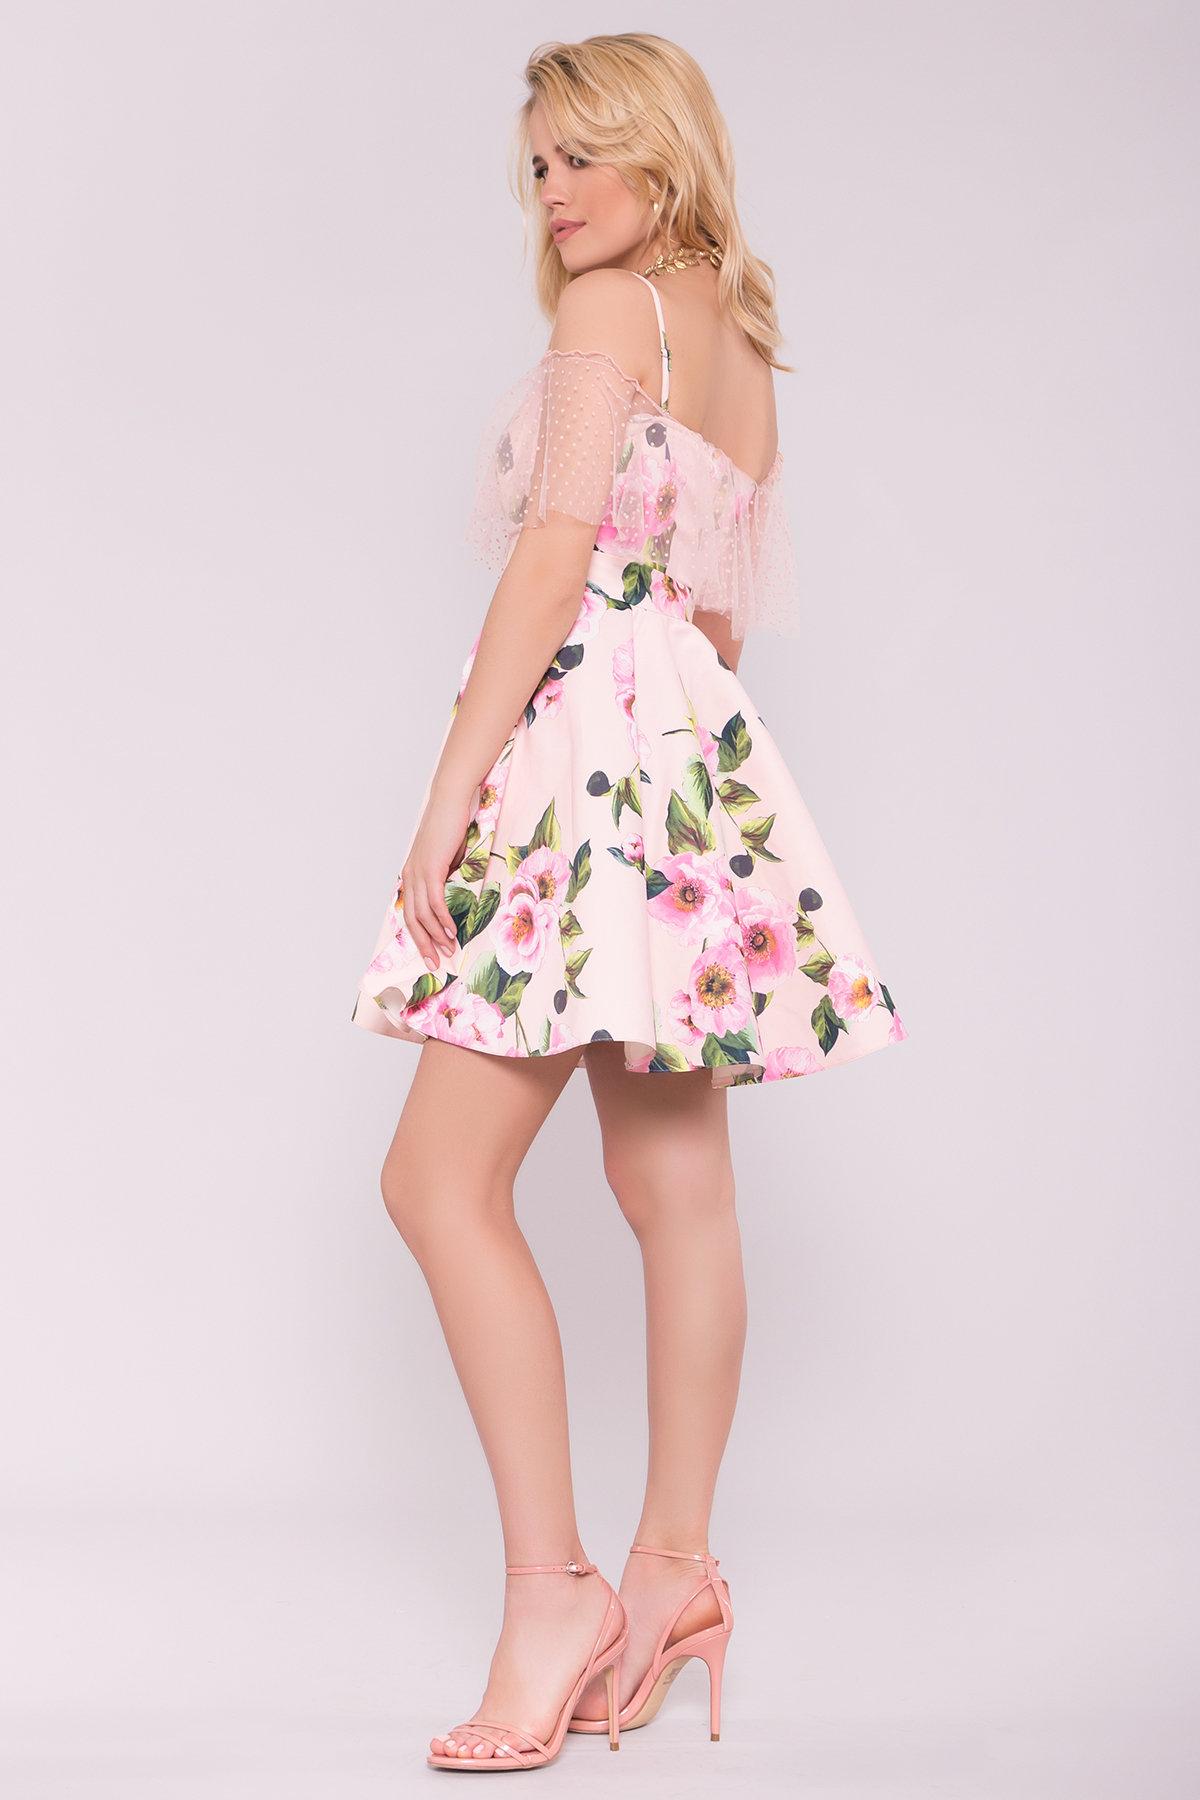 Тори платье из коттона с принтом 7189 АРТ. 42777 Цвет: Цветы пудра/розовый - фото 2, интернет магазин tm-modus.ru